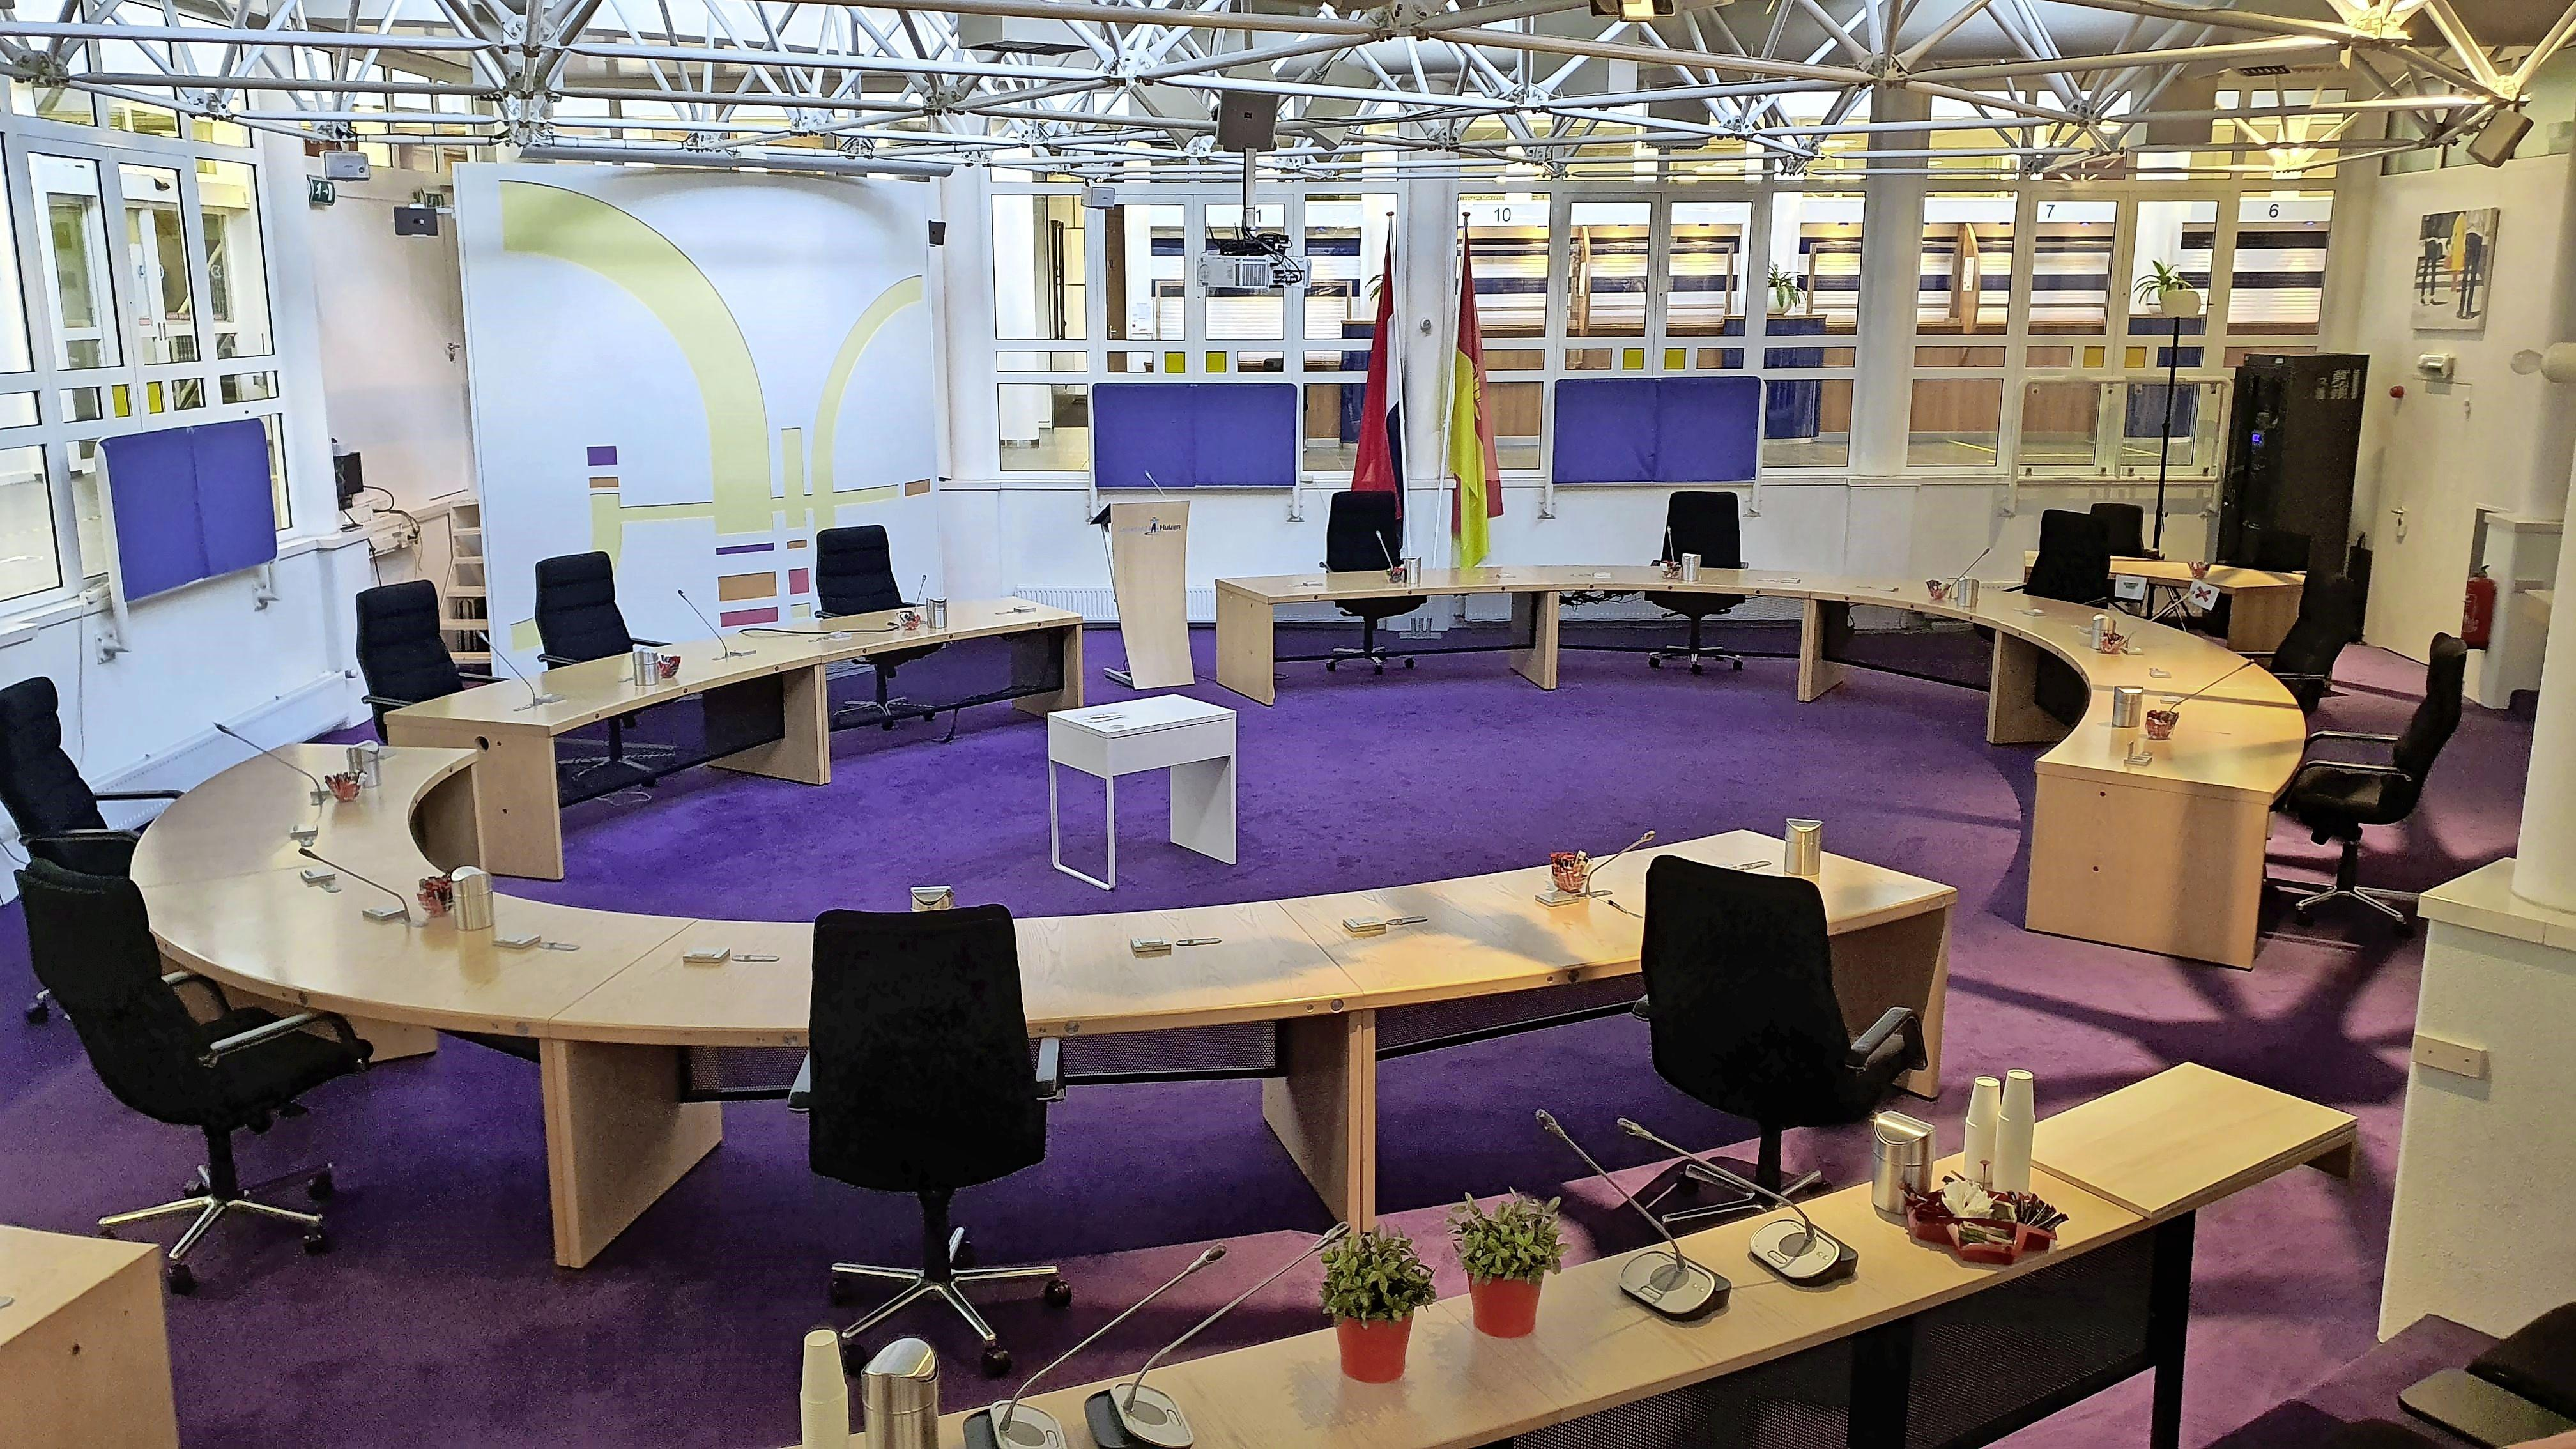 Burgemeester van Huizen geeft les in 'lokale politiek', 'ik kan het iedereen aanraden die enige politieke interesse heeft'